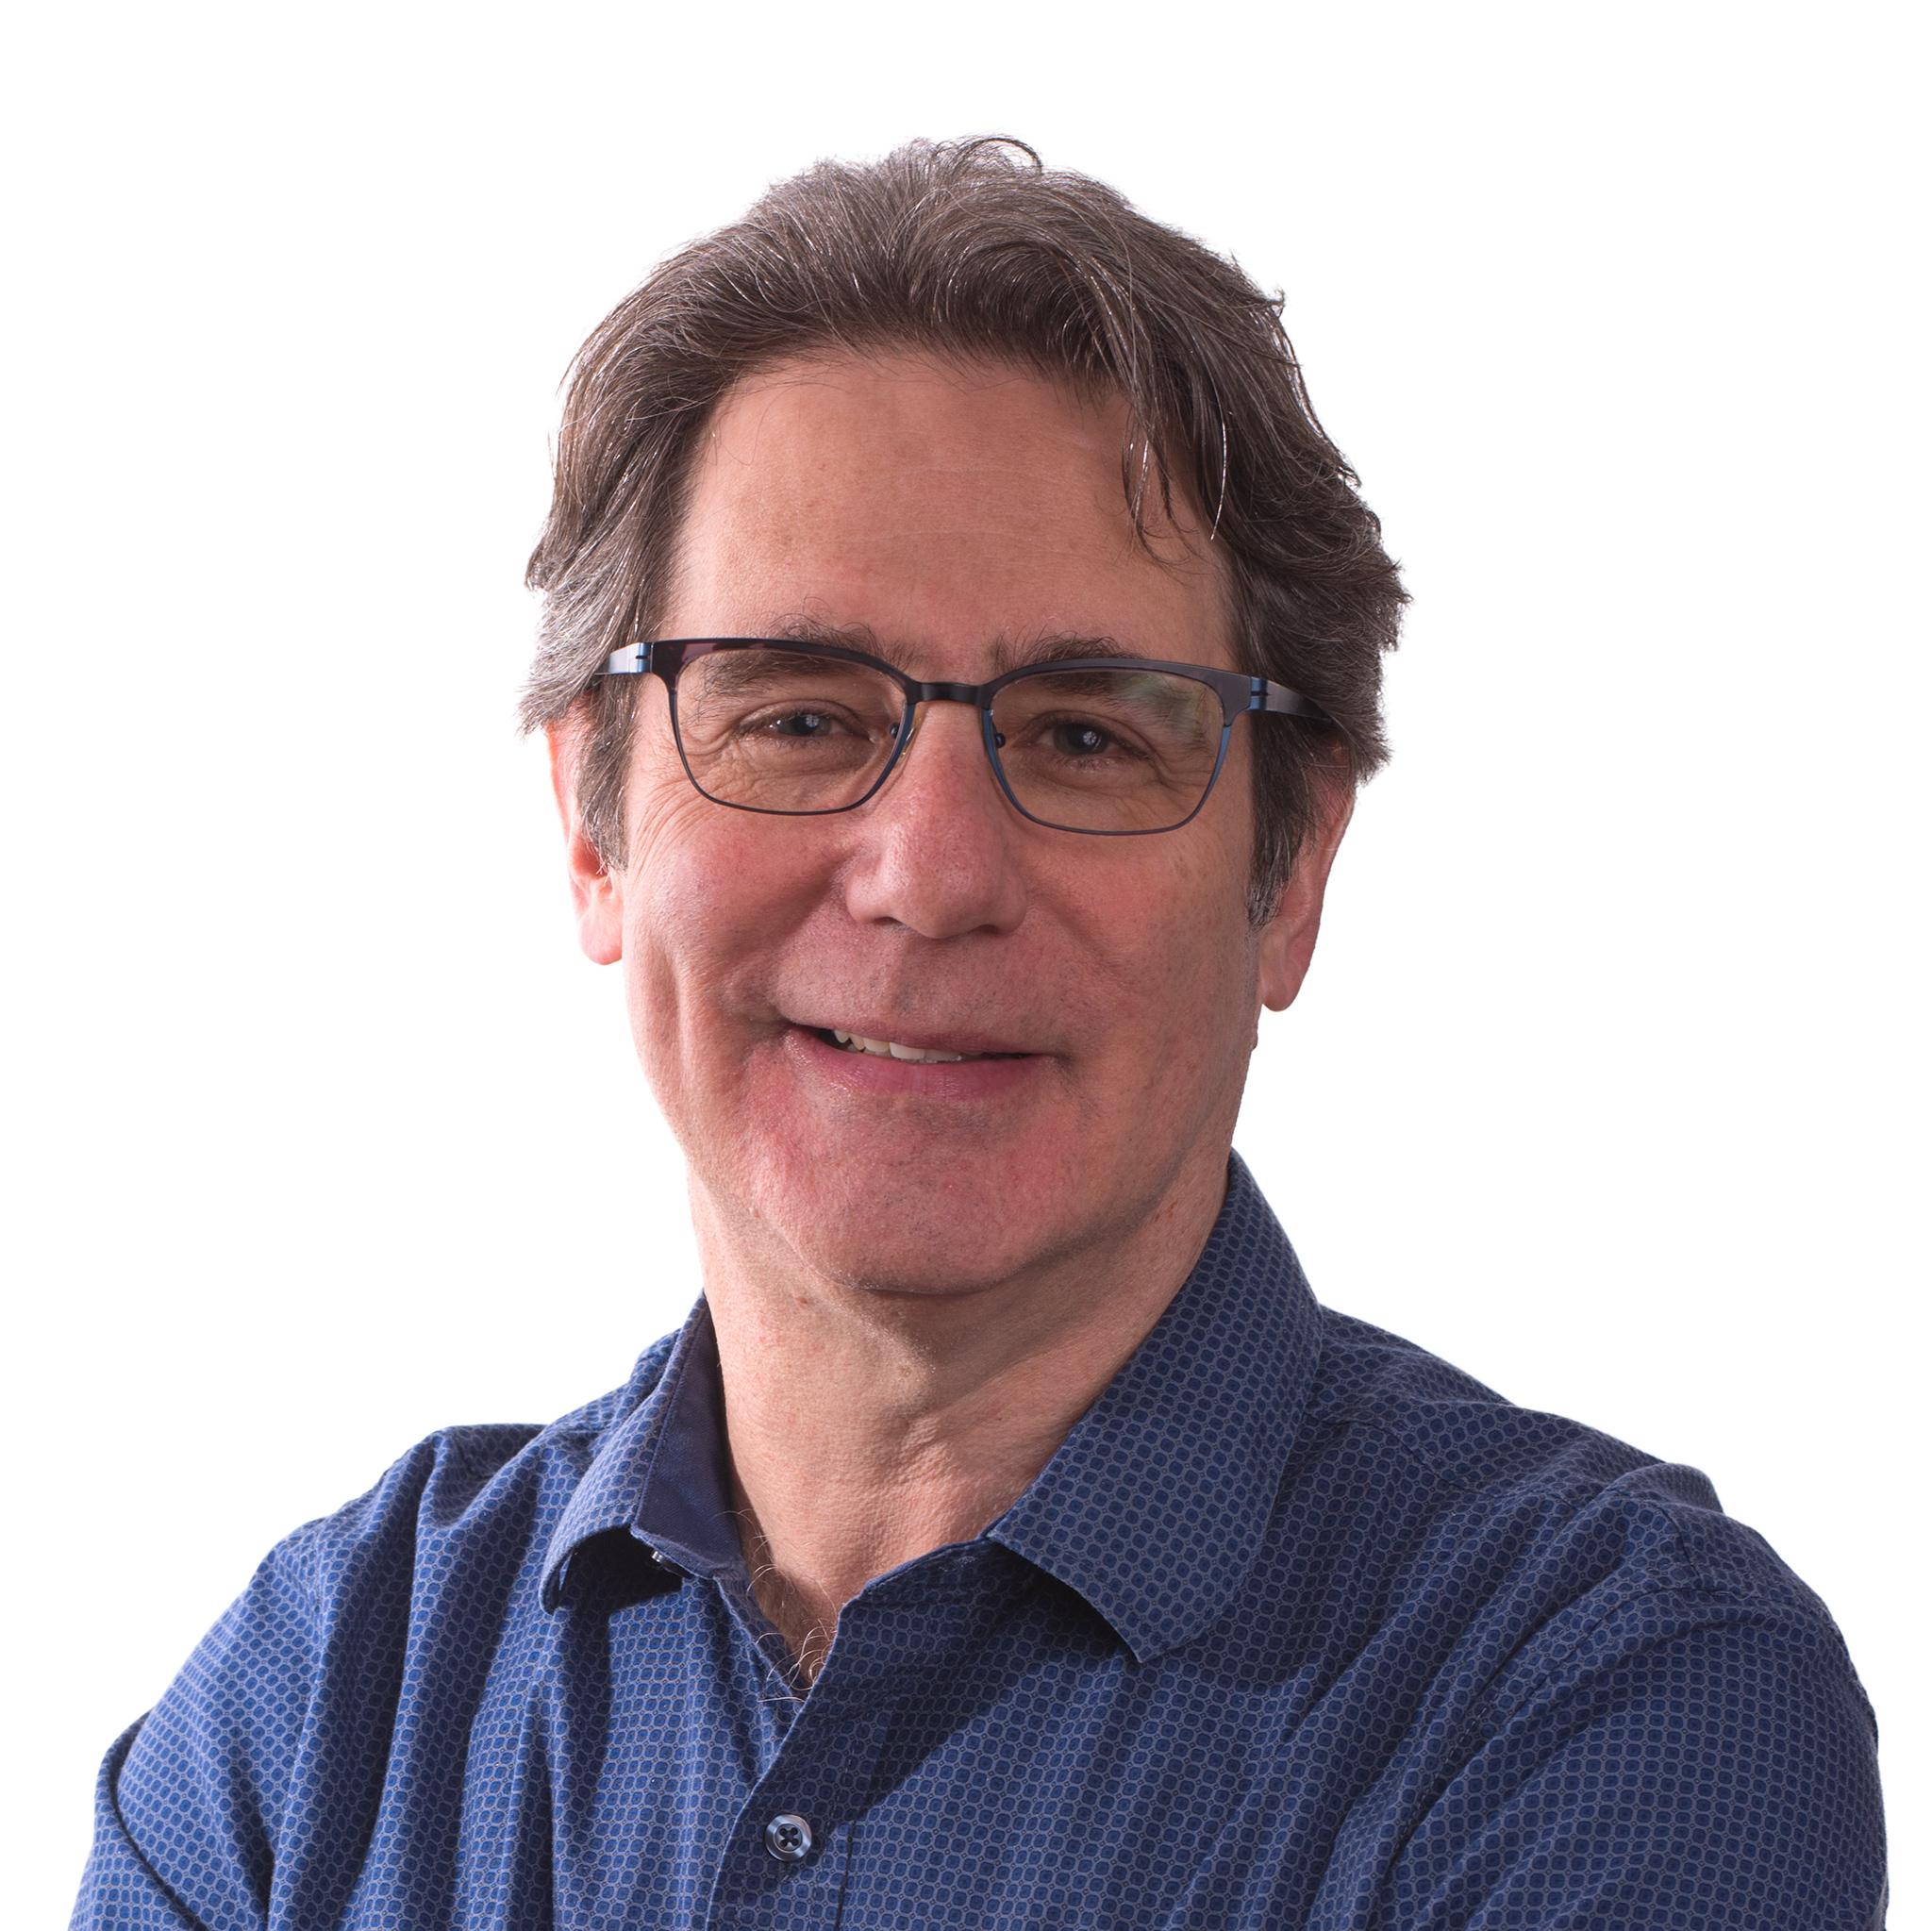 david_bernstein_profile.jpg